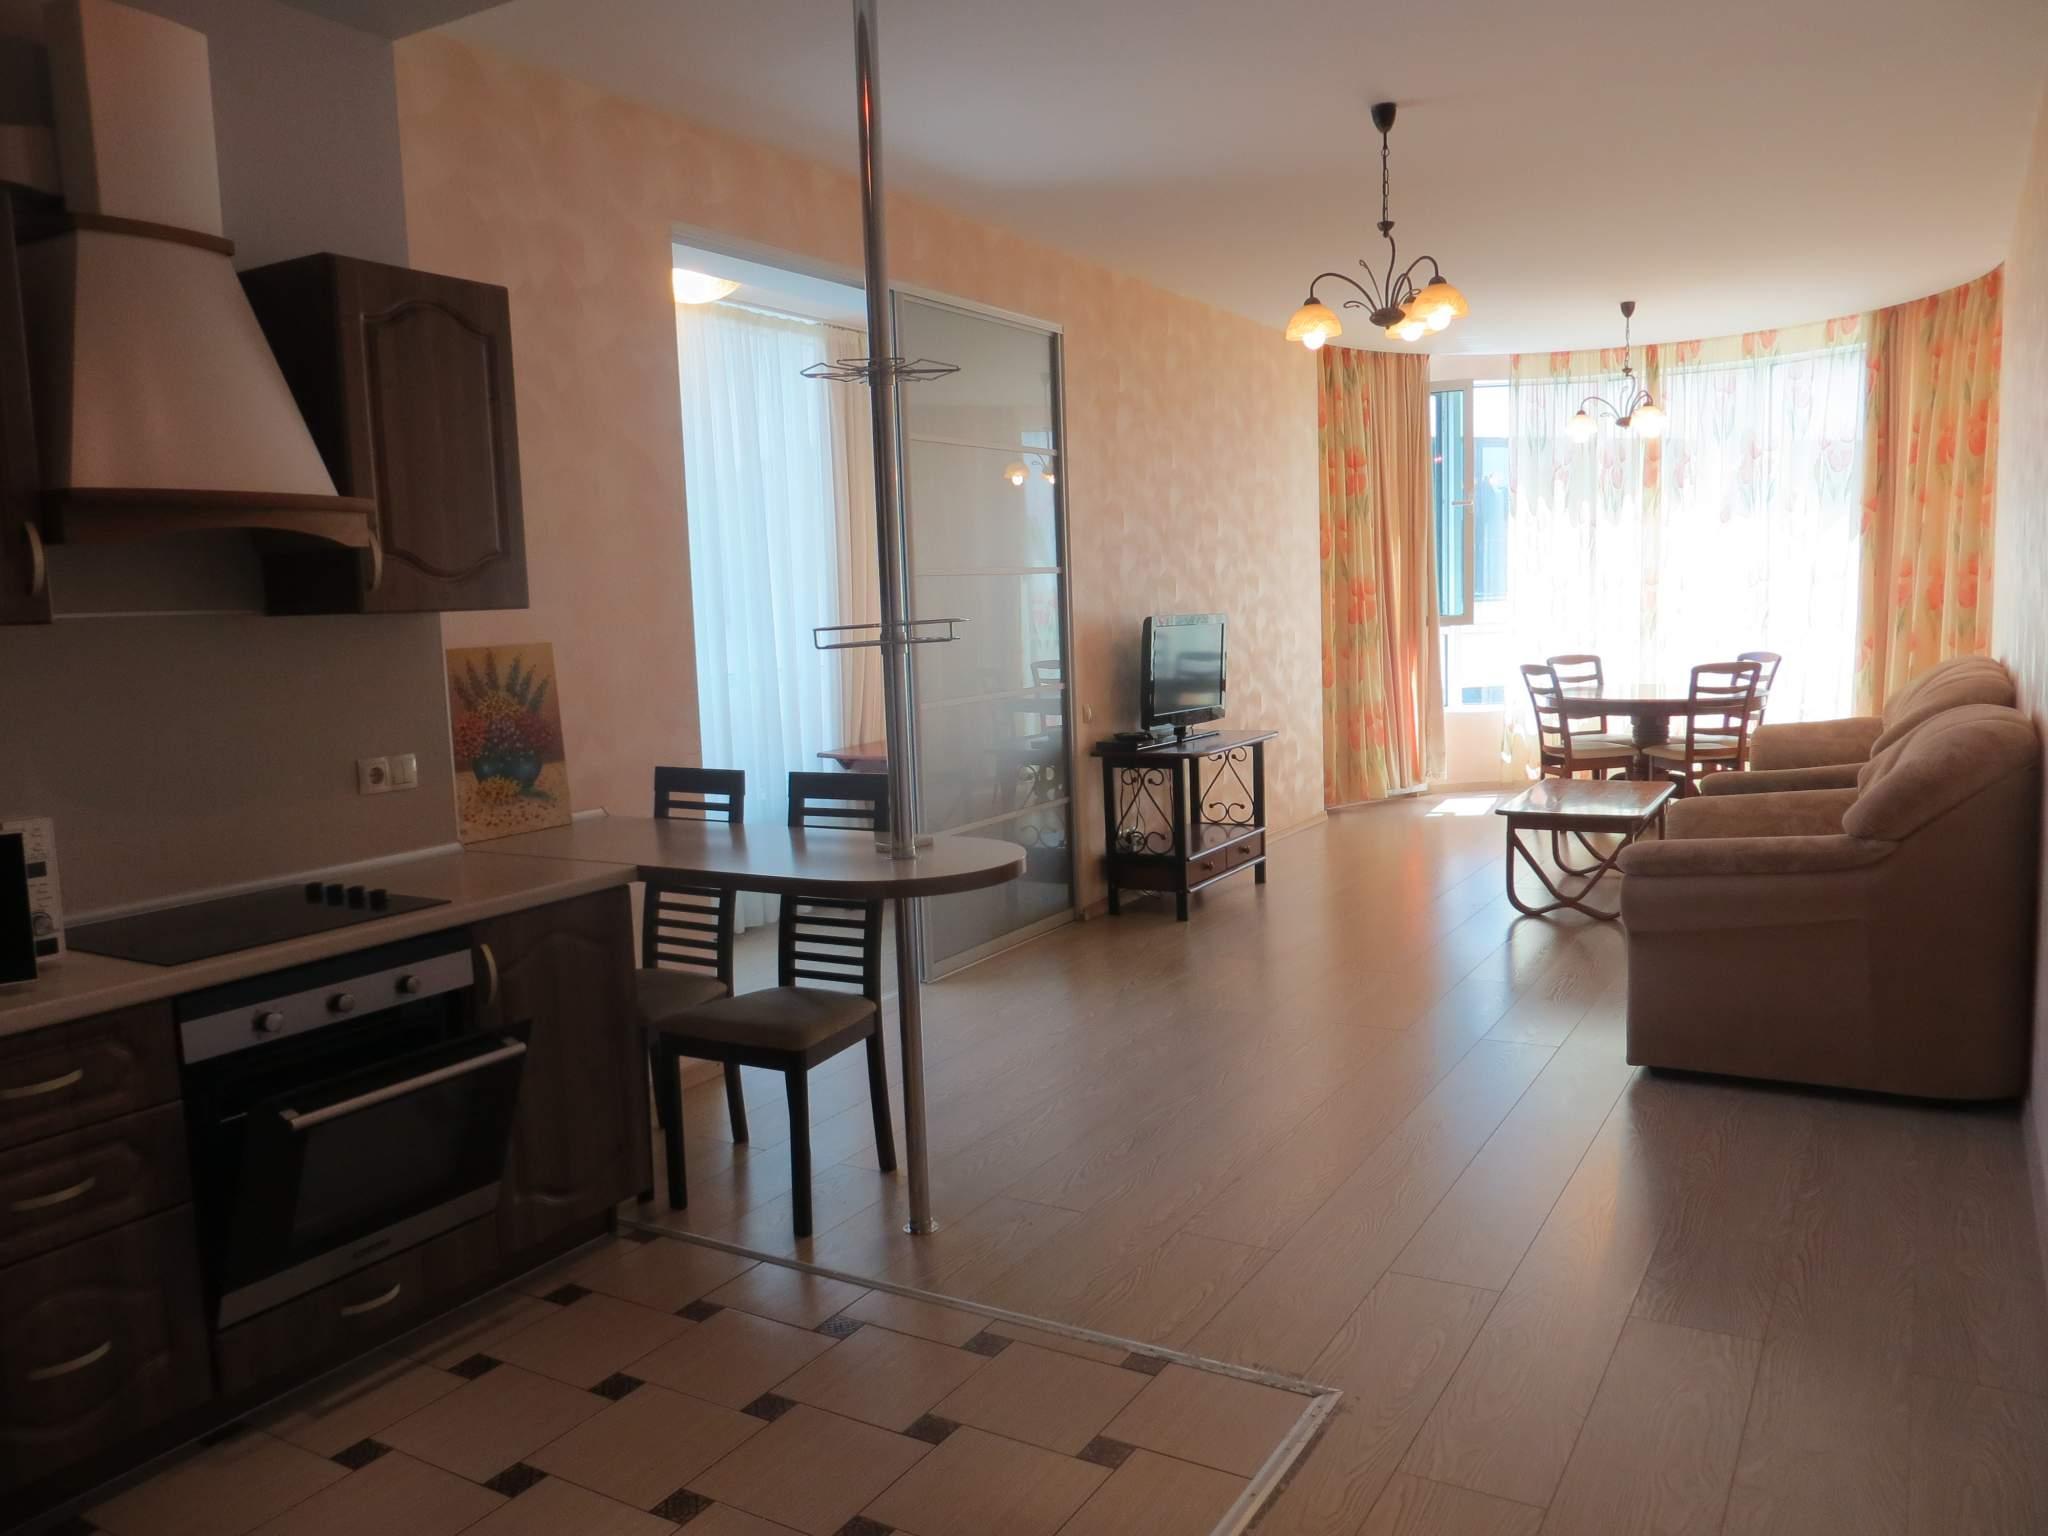 Недвижимость в париже купить недорого вторичное жилье